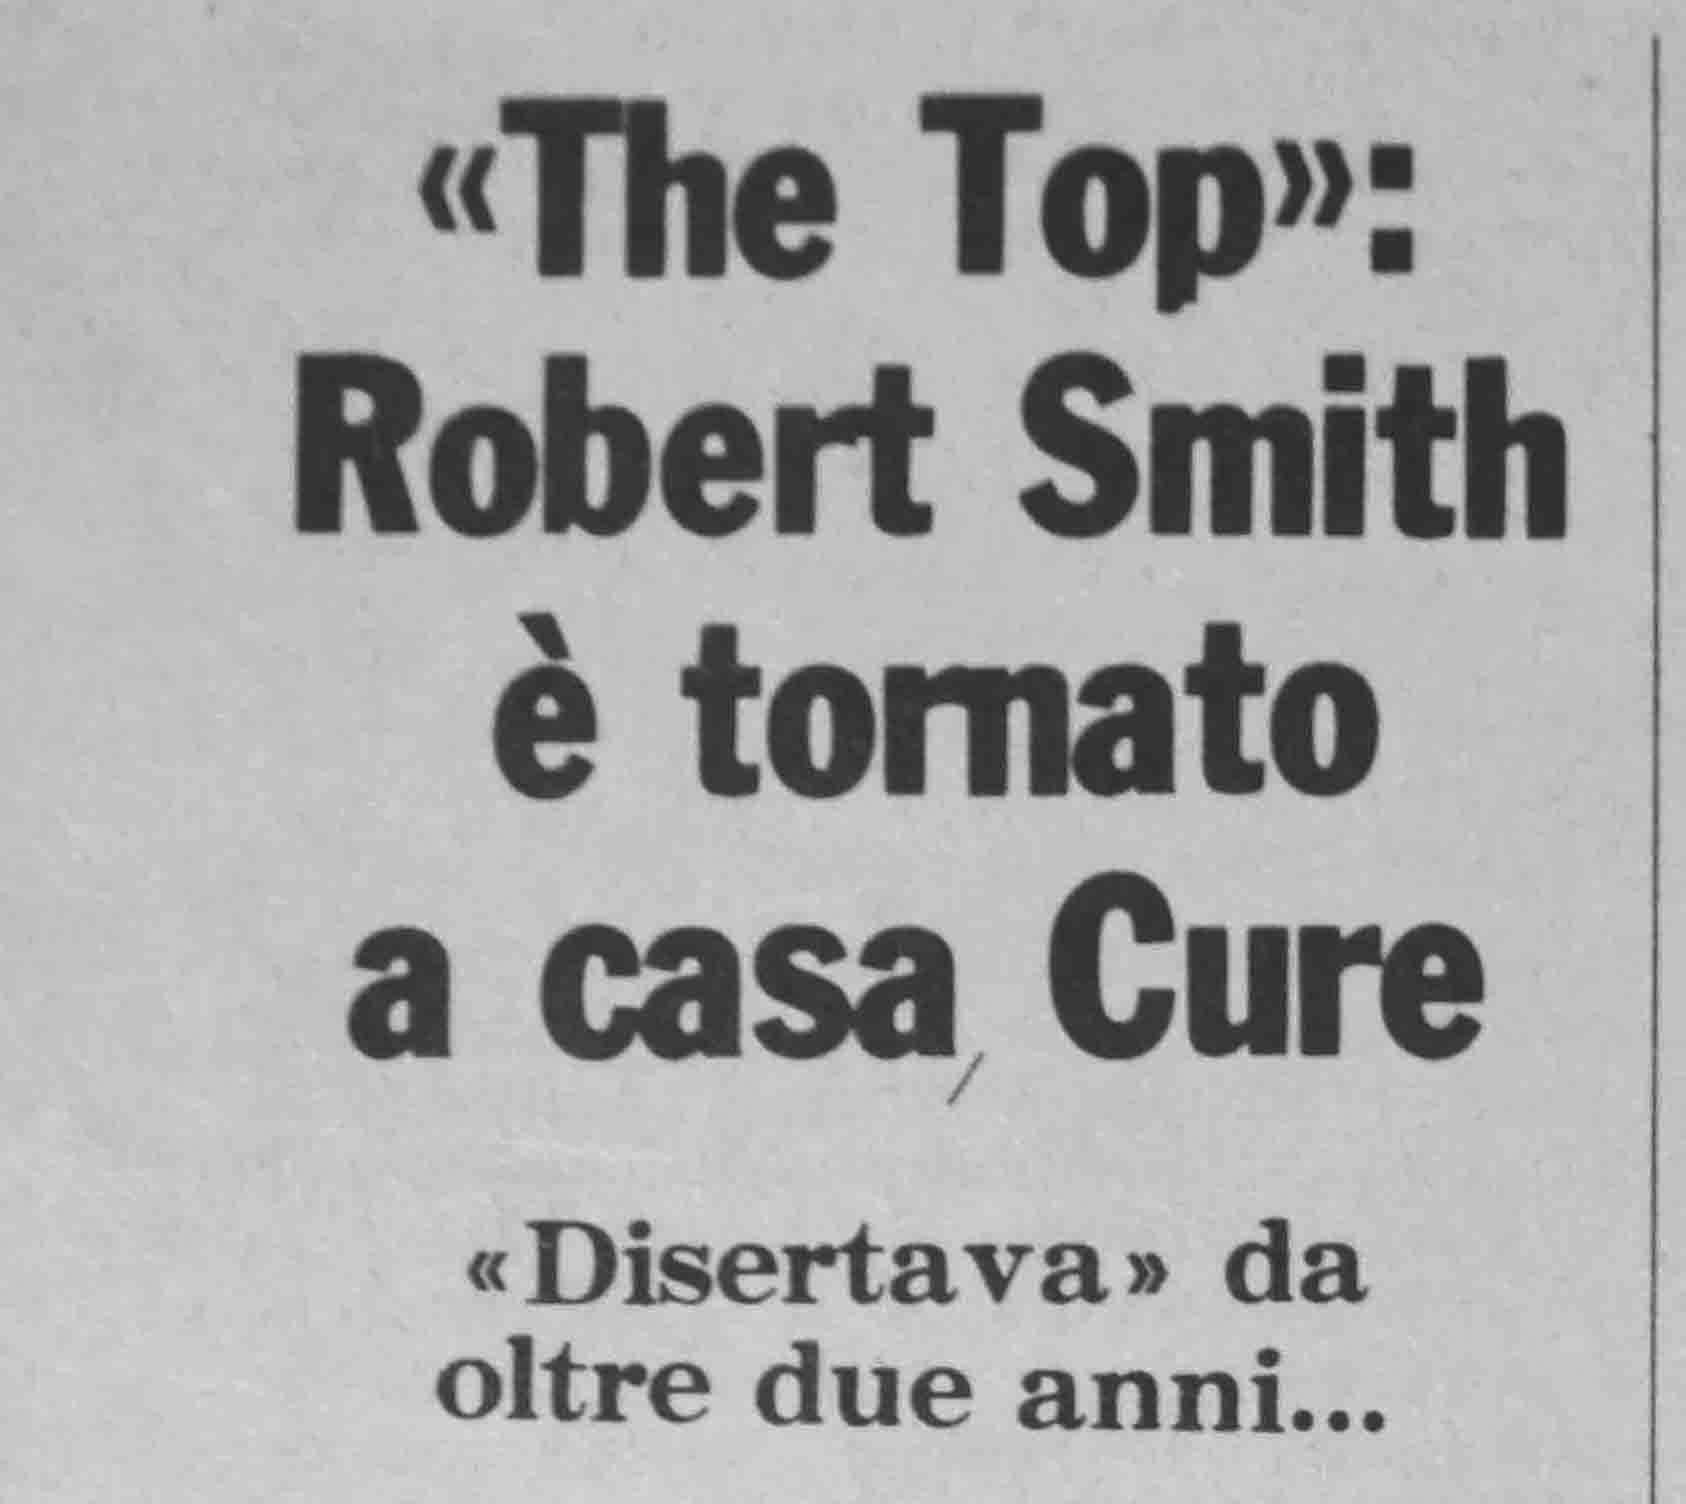 """27.06.1984. """"The Top"""" : Robert Smith è tornato a casa Cure"""